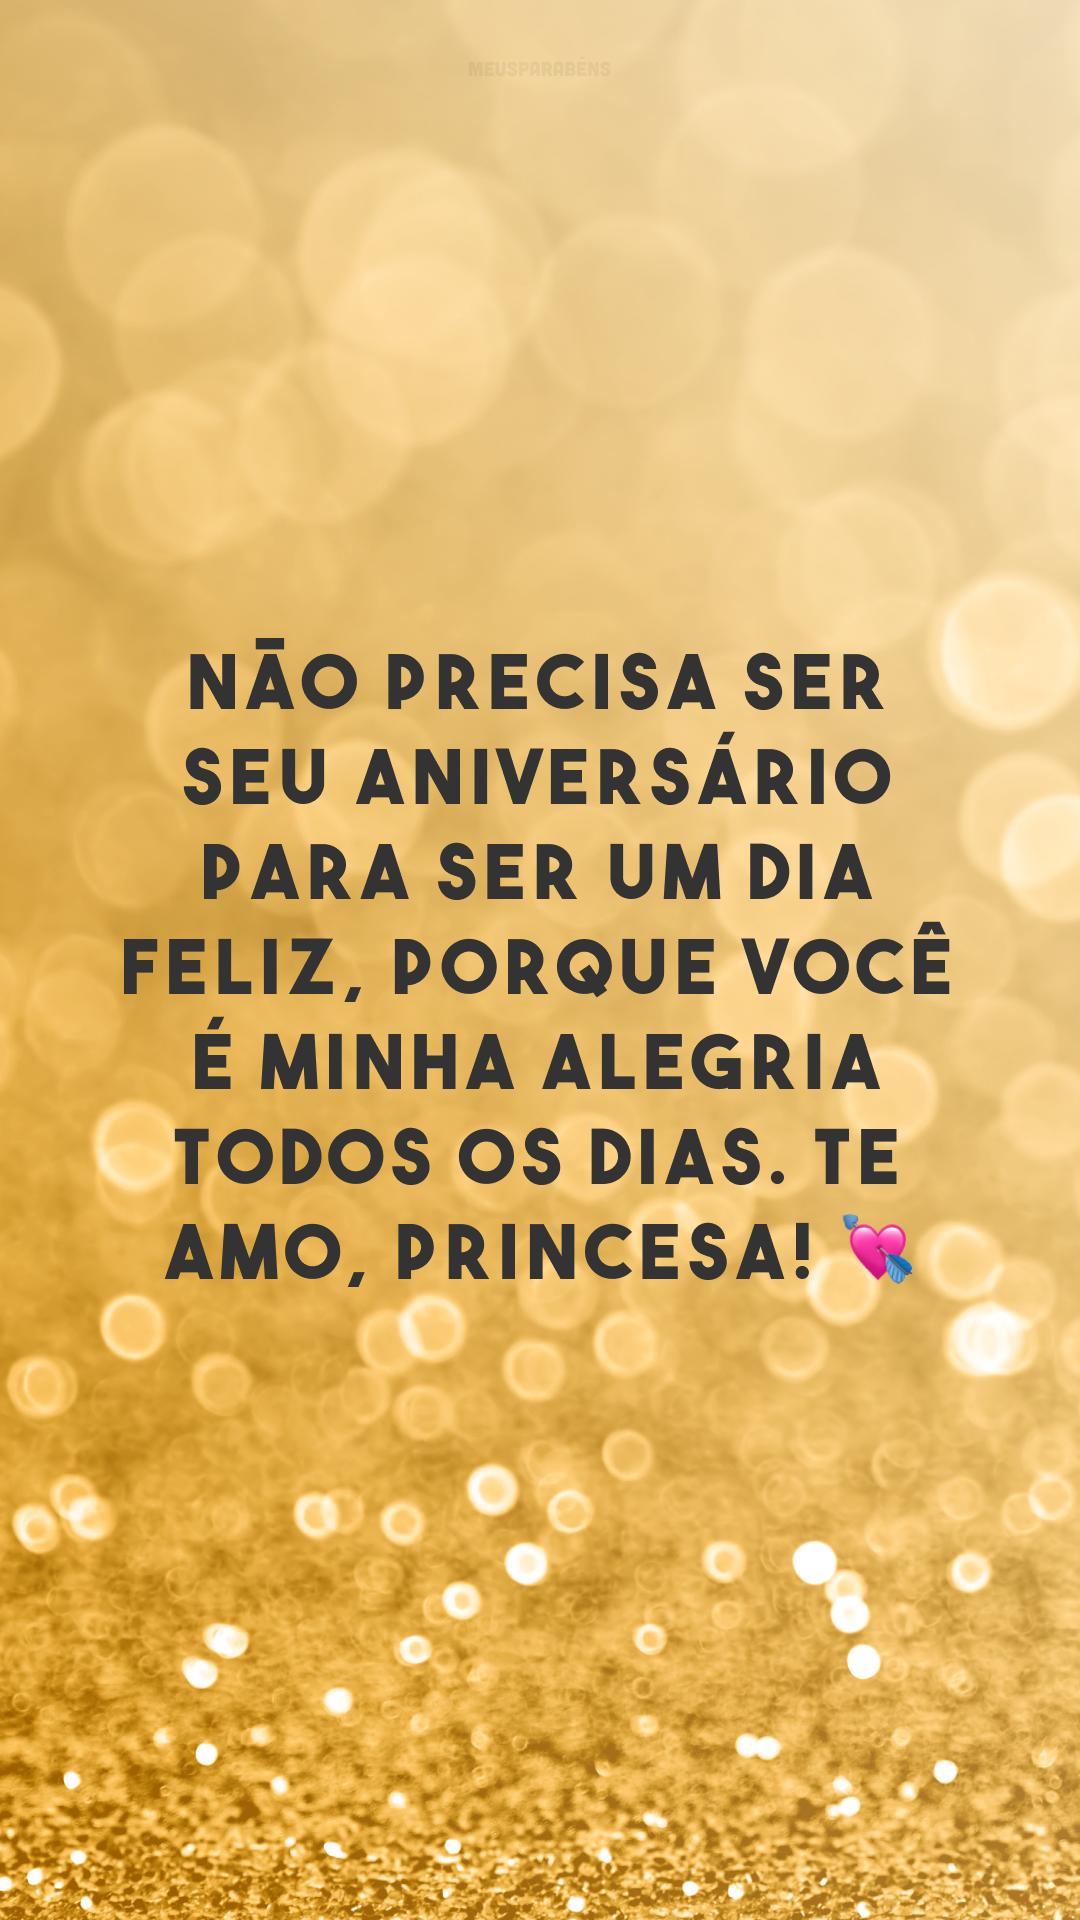 Não precisa ser seu aniversário para ser um dia feliz, porque você é minha alegria todos os dias. Te amo, princesa! 💘